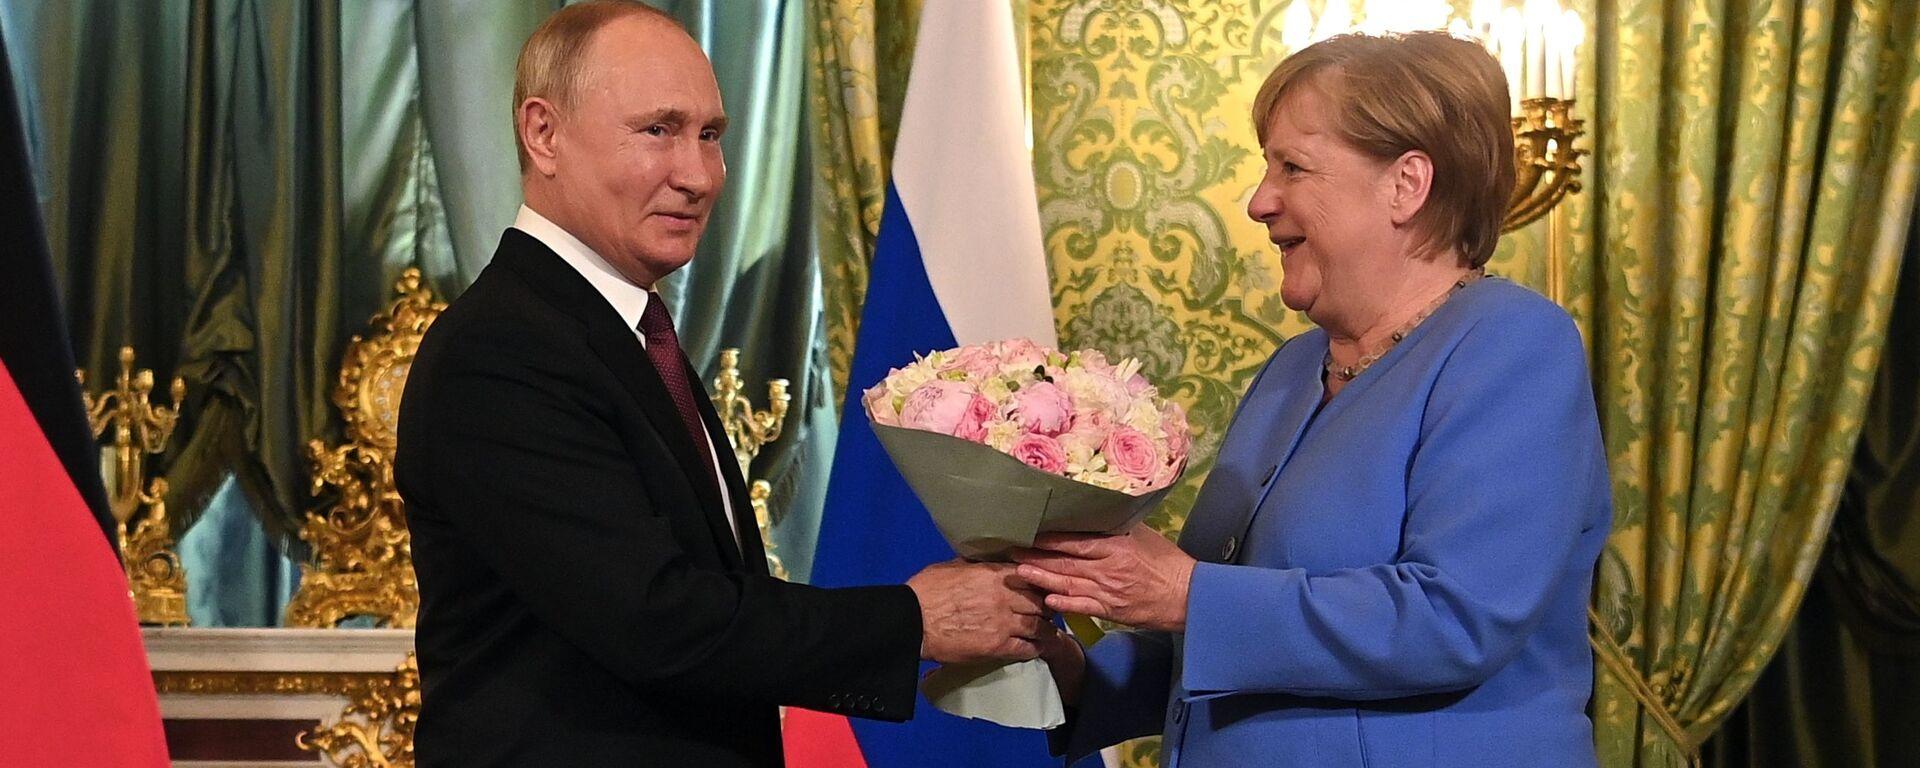 Ruský prezident Vladimir Putin a německá spolková kancléřka Angela Merkelová během setkání v Moskvě - Sputnik Česká republika, 1920, 21.09.2021